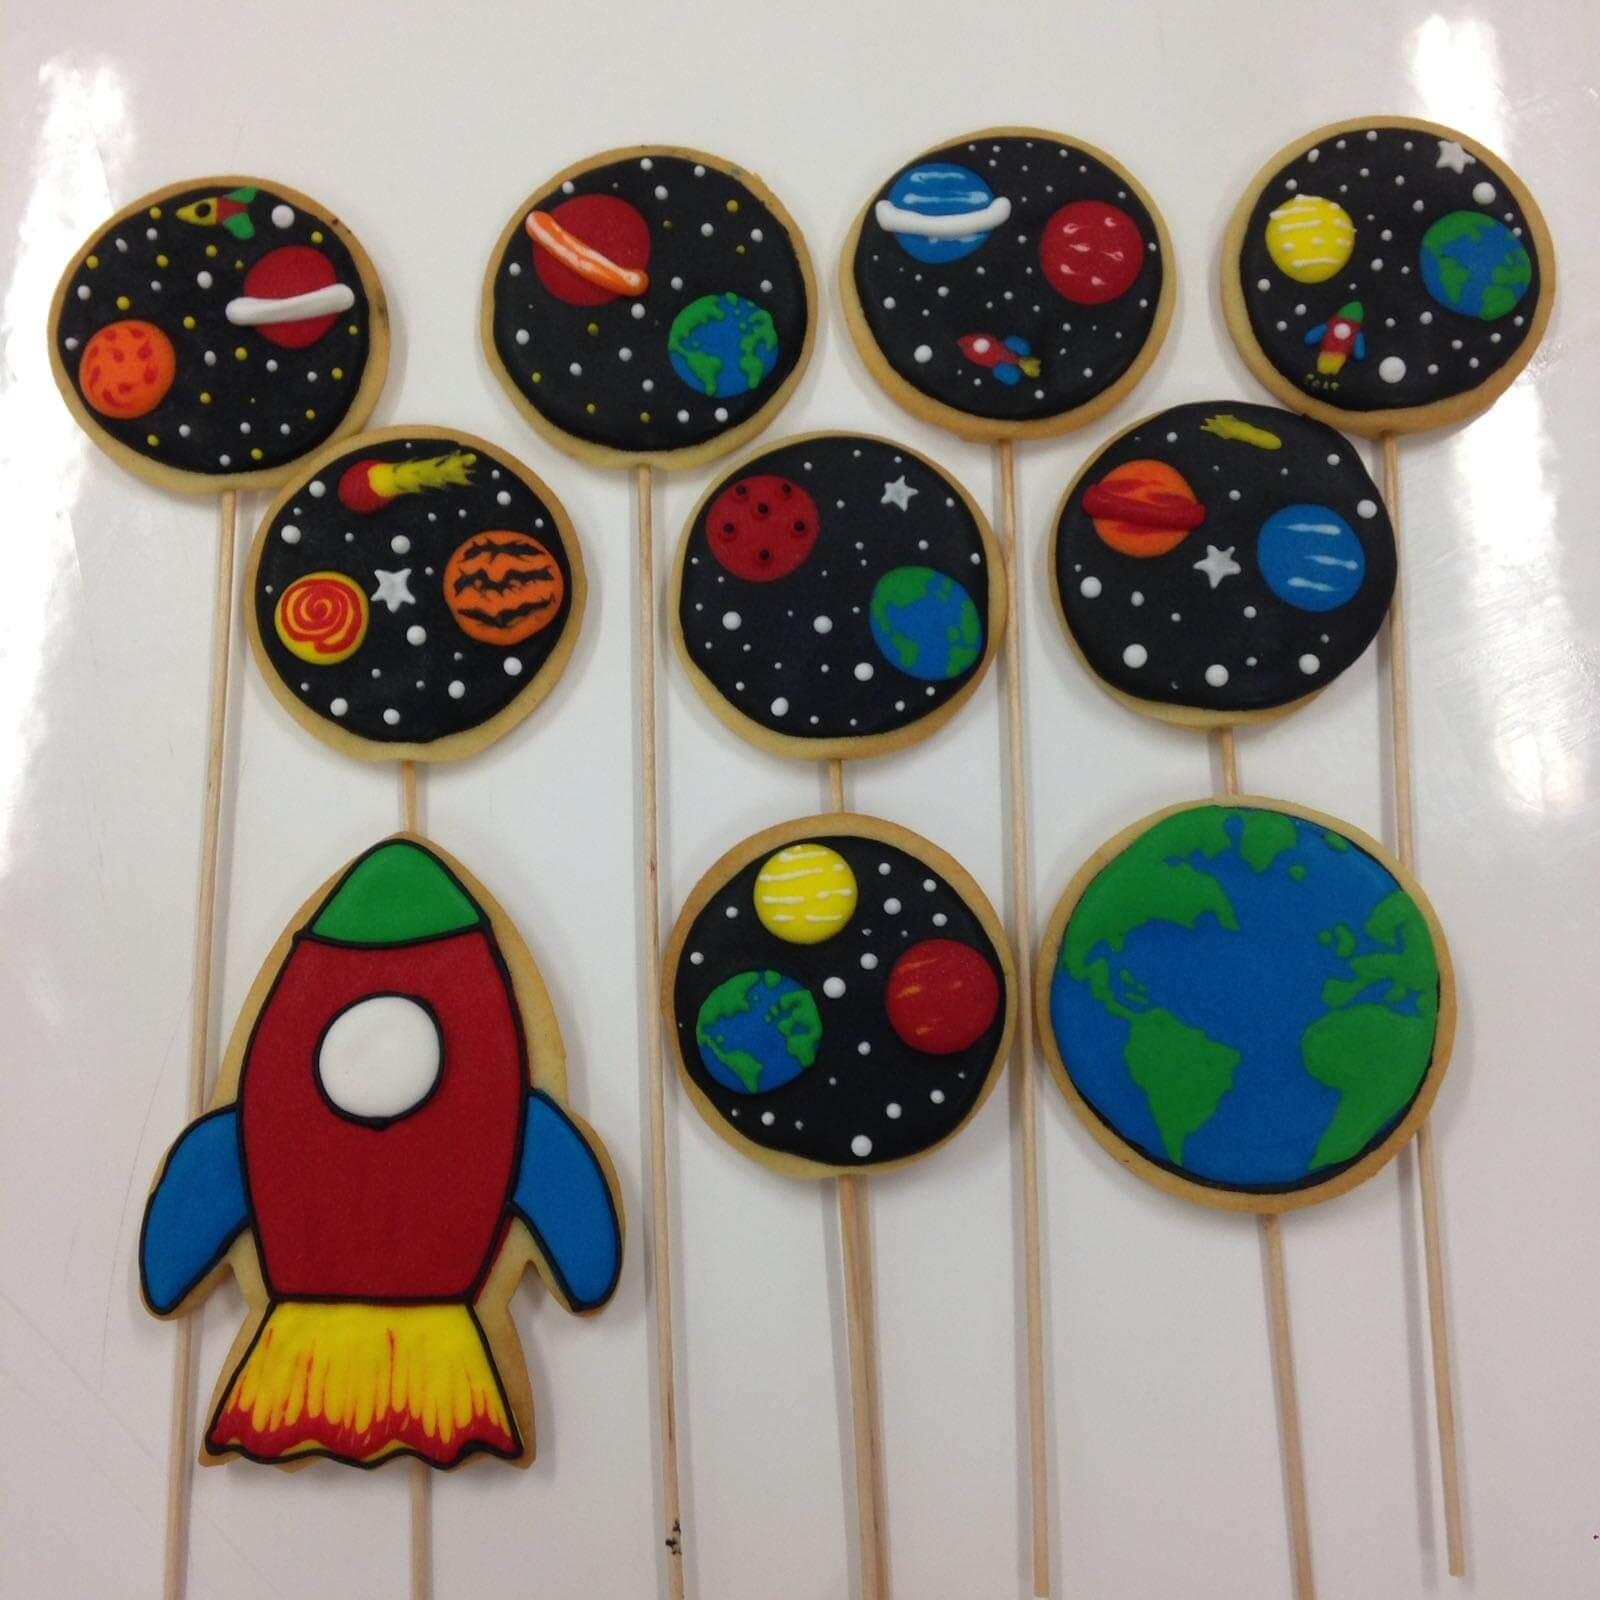 Galletas decoradas universo nave espacial cohete espacio astronautas coruña